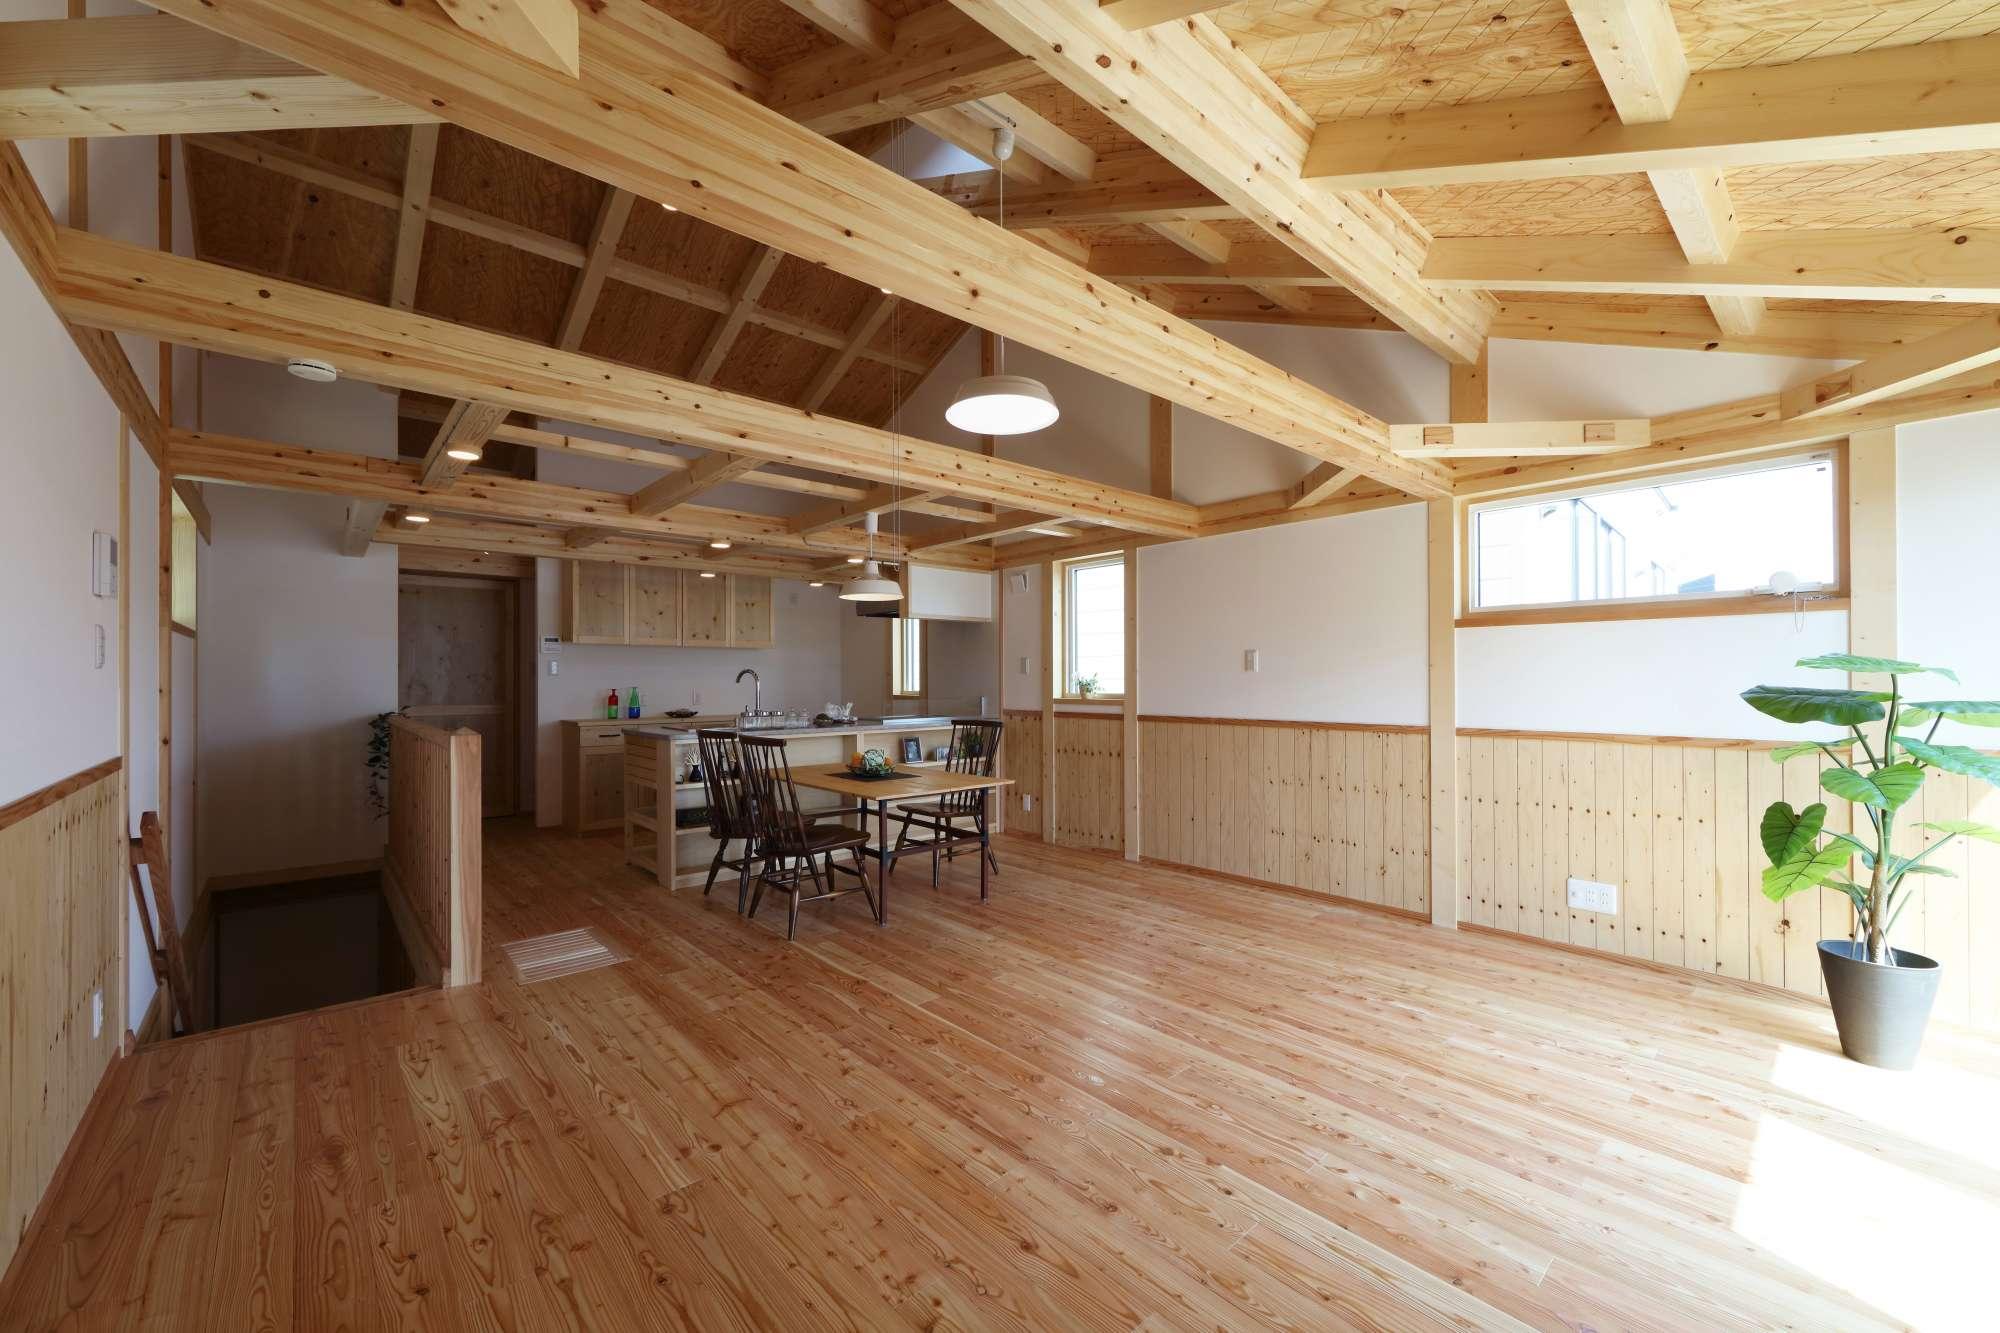 - 2階リビング真壁造りと無垢材をふんだんに使用した癒しの空間 -  -